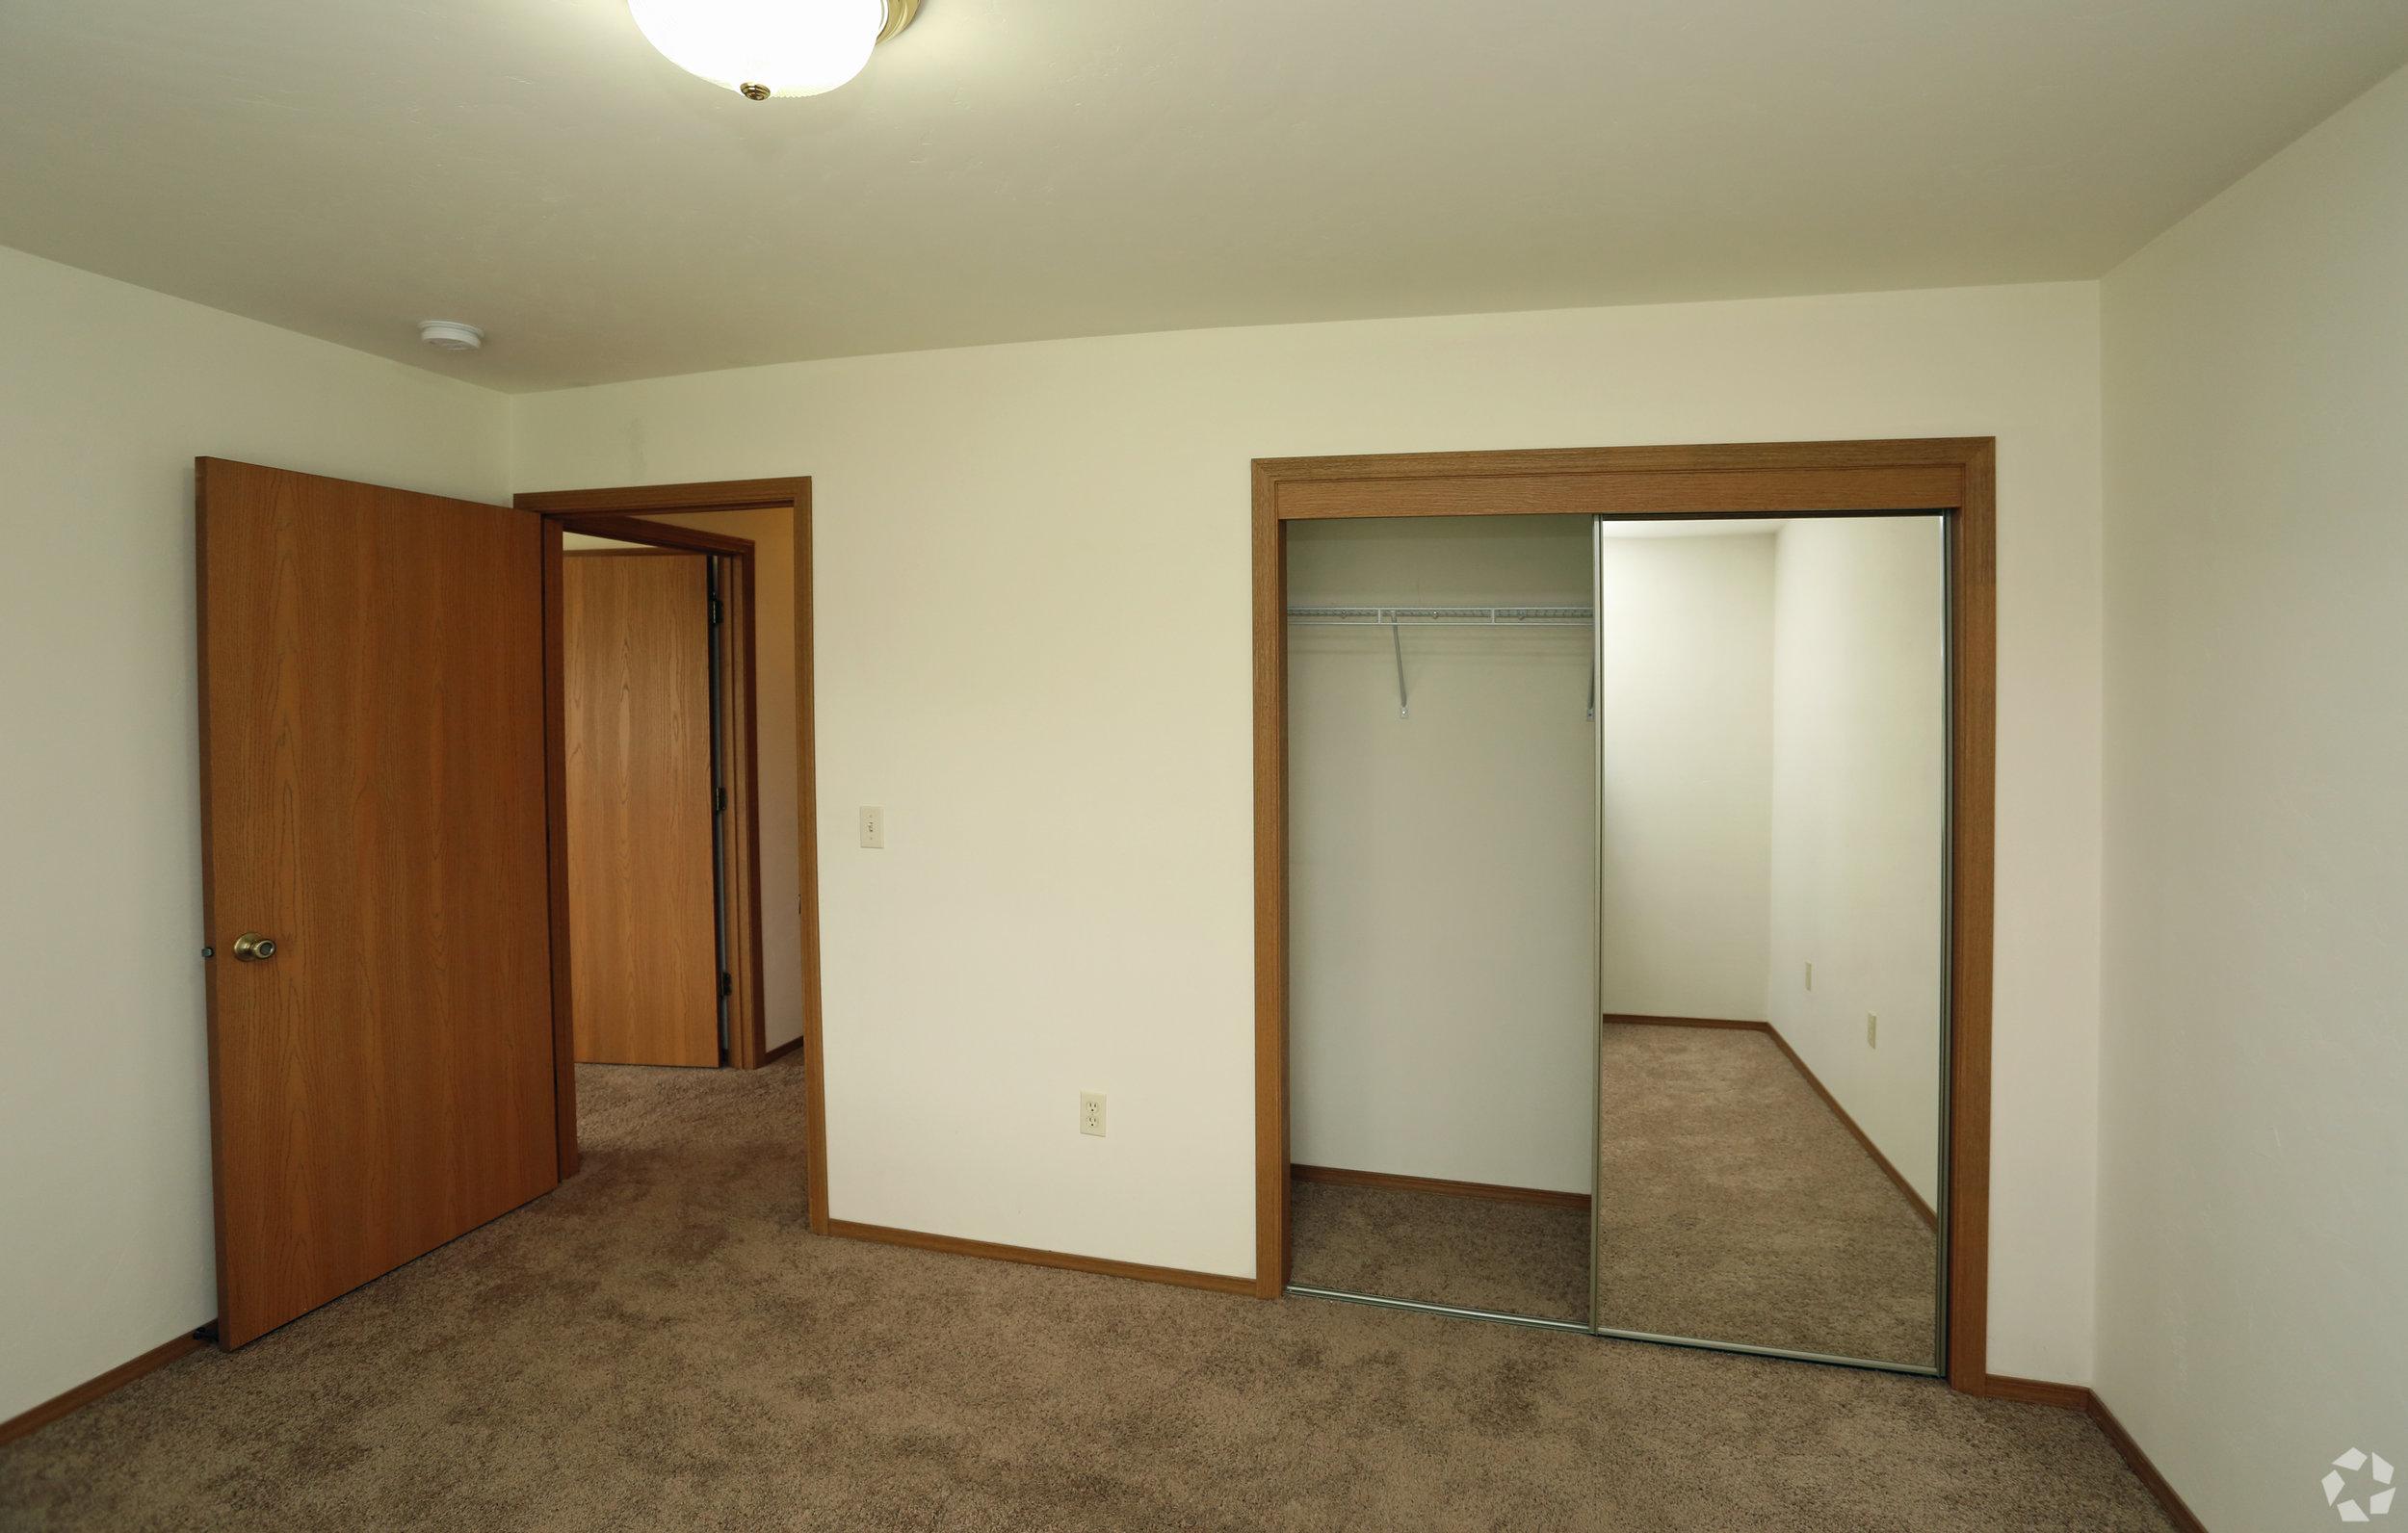 InteriorPhoto (7).jpg